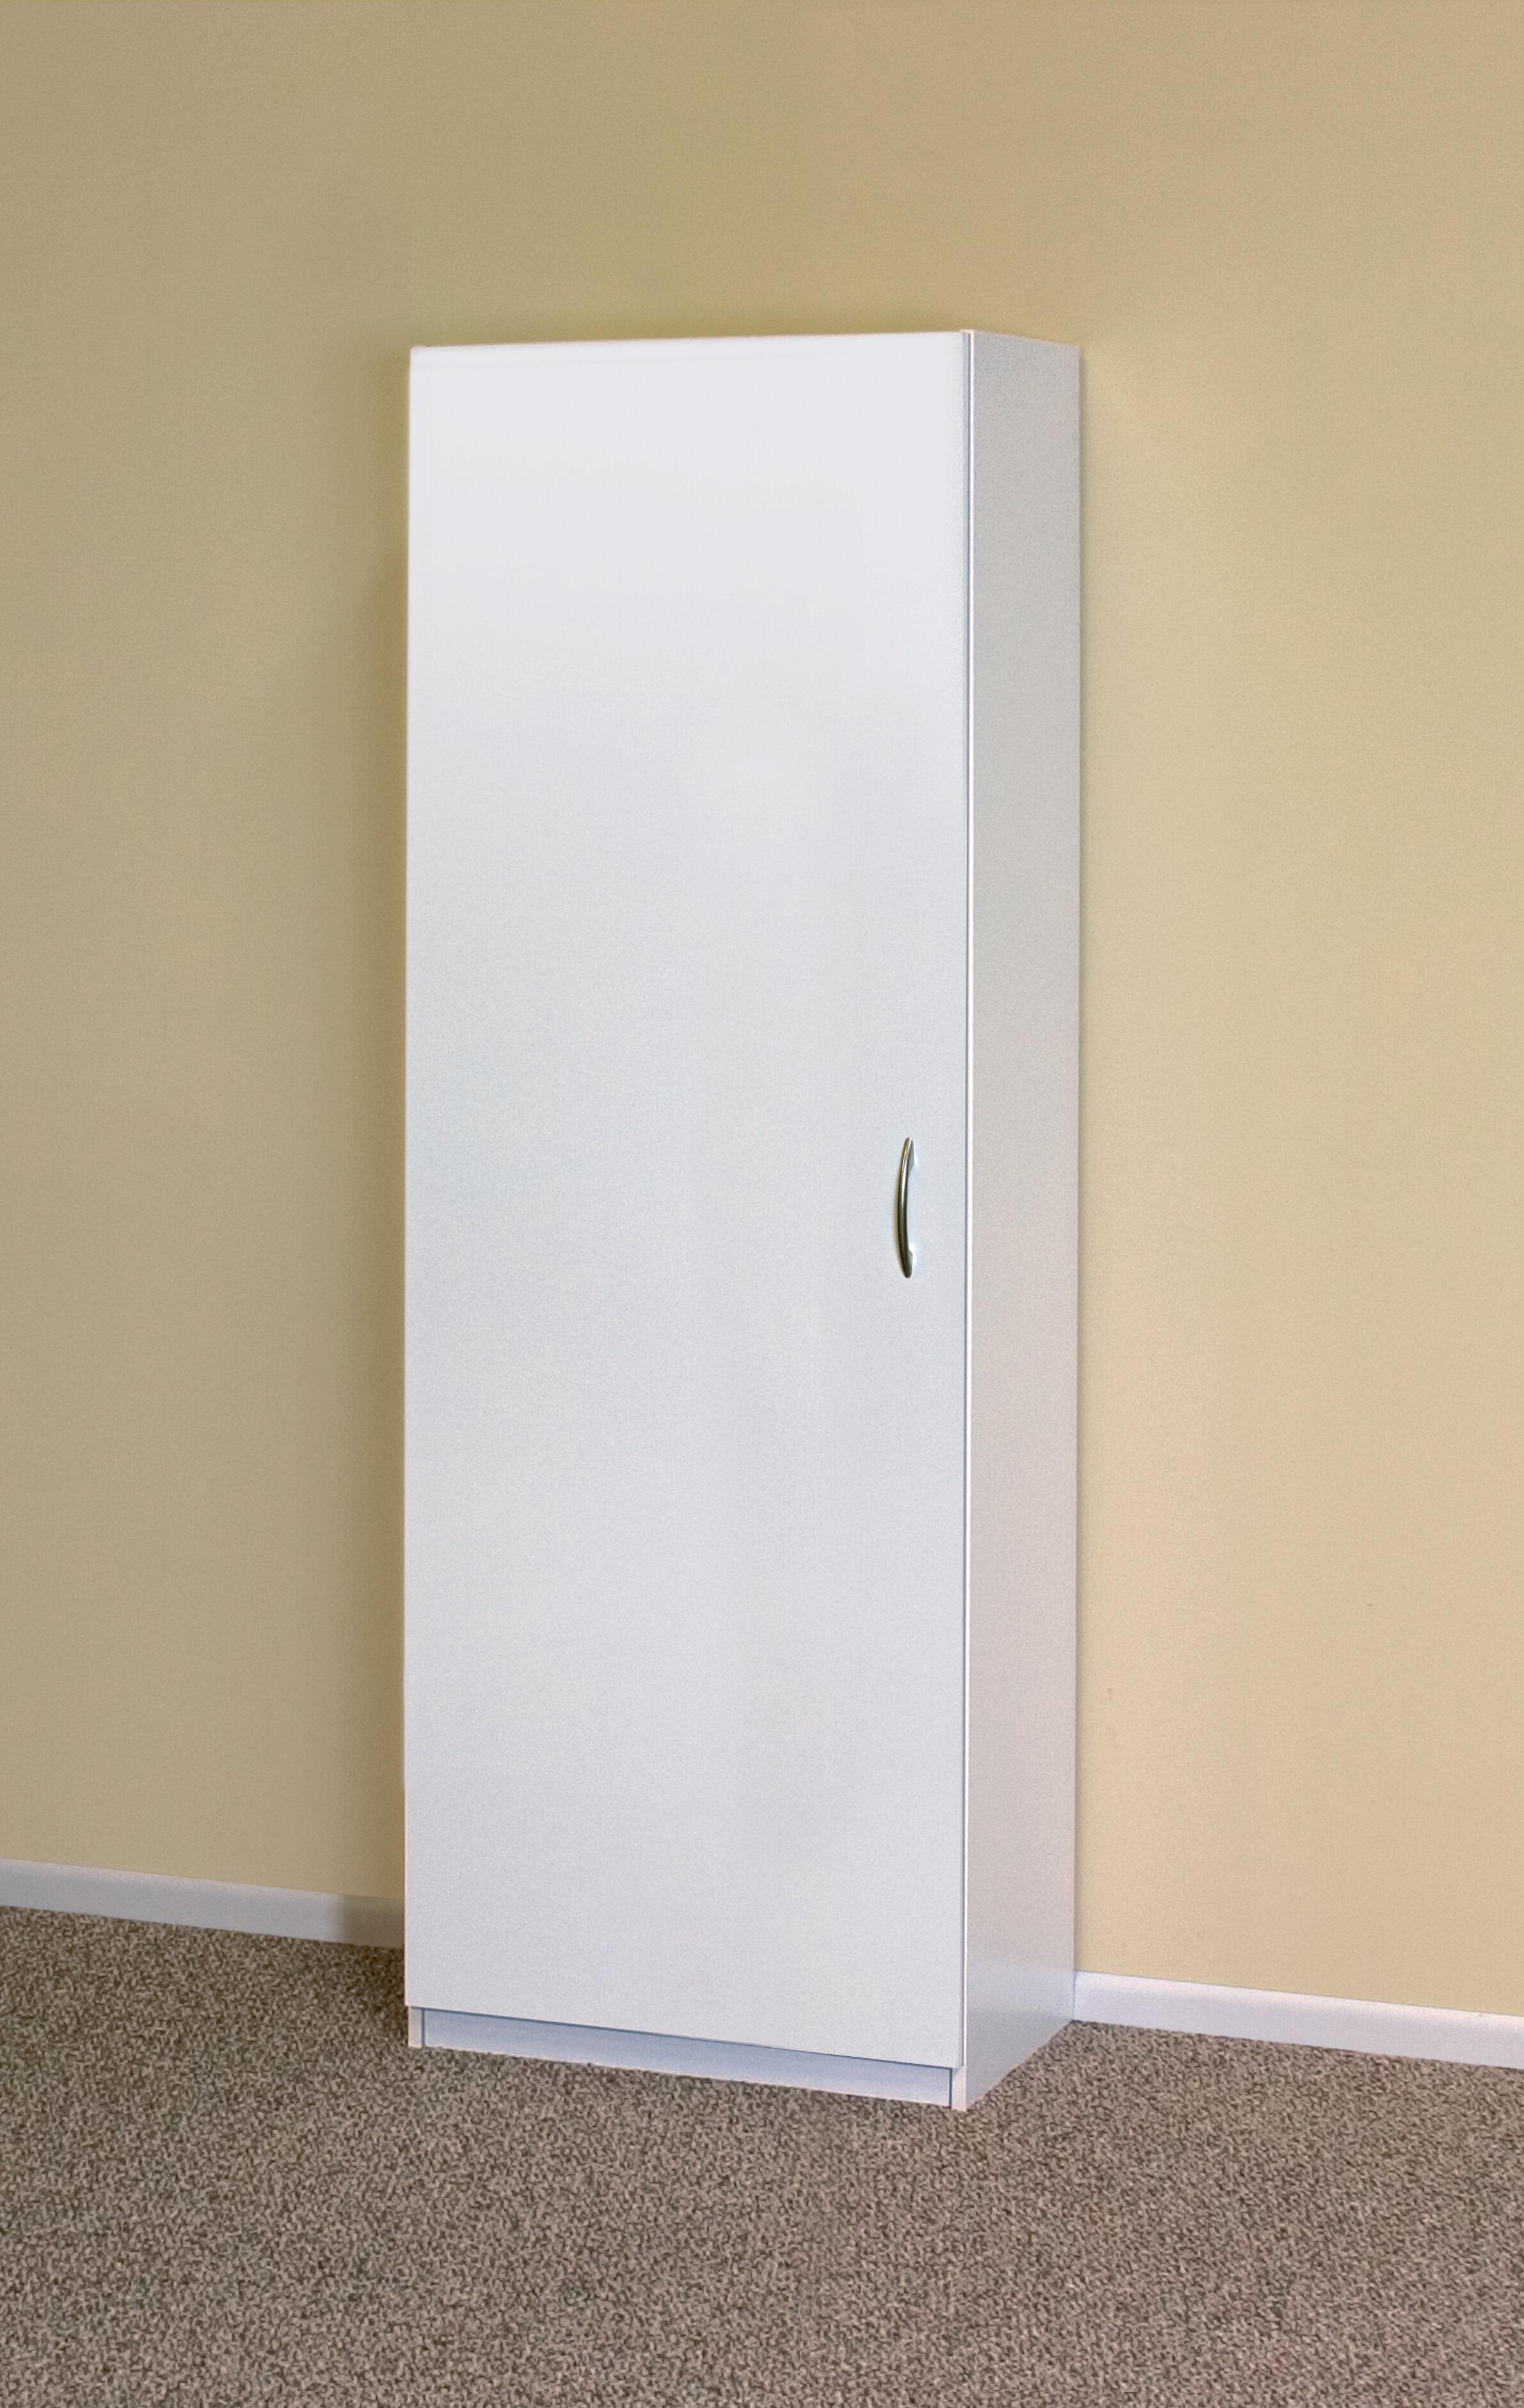 24 W X 15 D Storage Cabinet